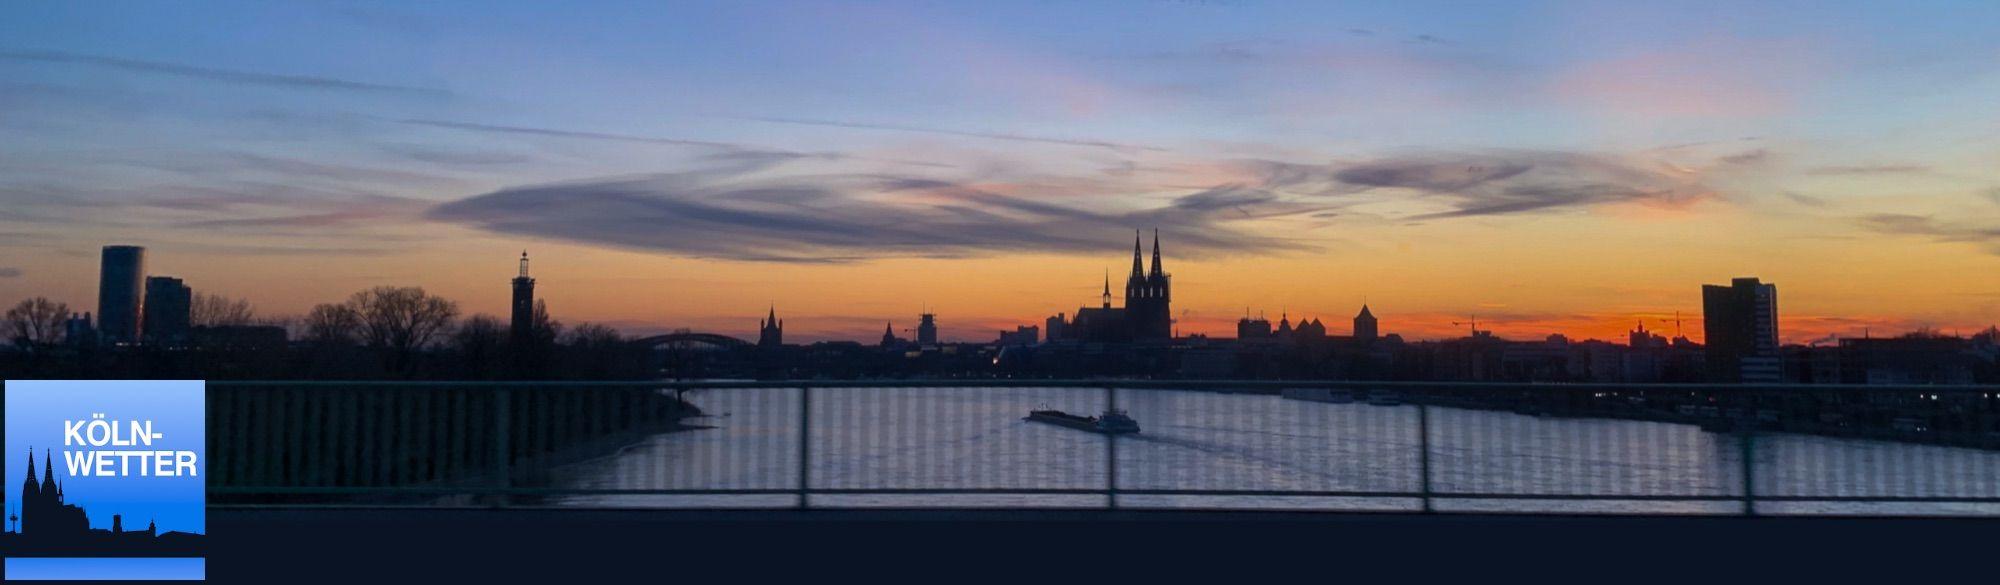 ☀️🌤🌧🌩🌨🌈🌔 - Über uns | Köln-Wetter